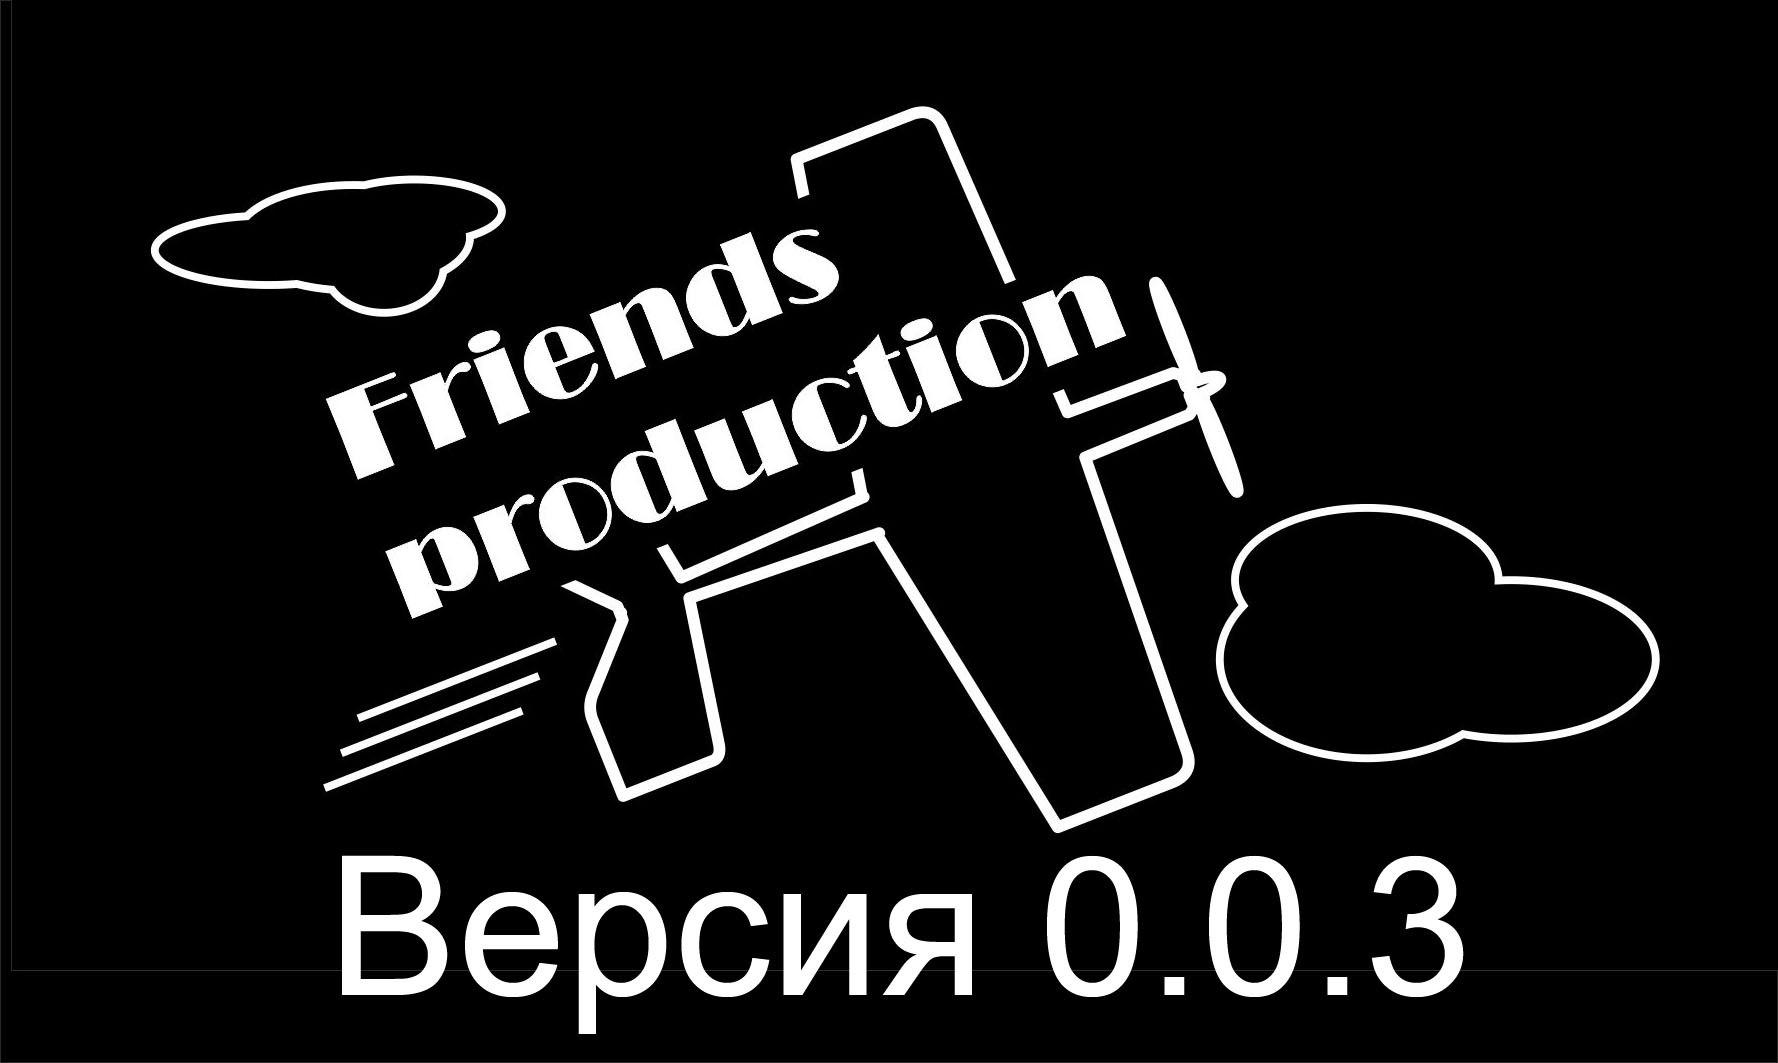 https://pp.vk.me/c622322/v622322085/20d2b/EQFyN7l3D34.jpg